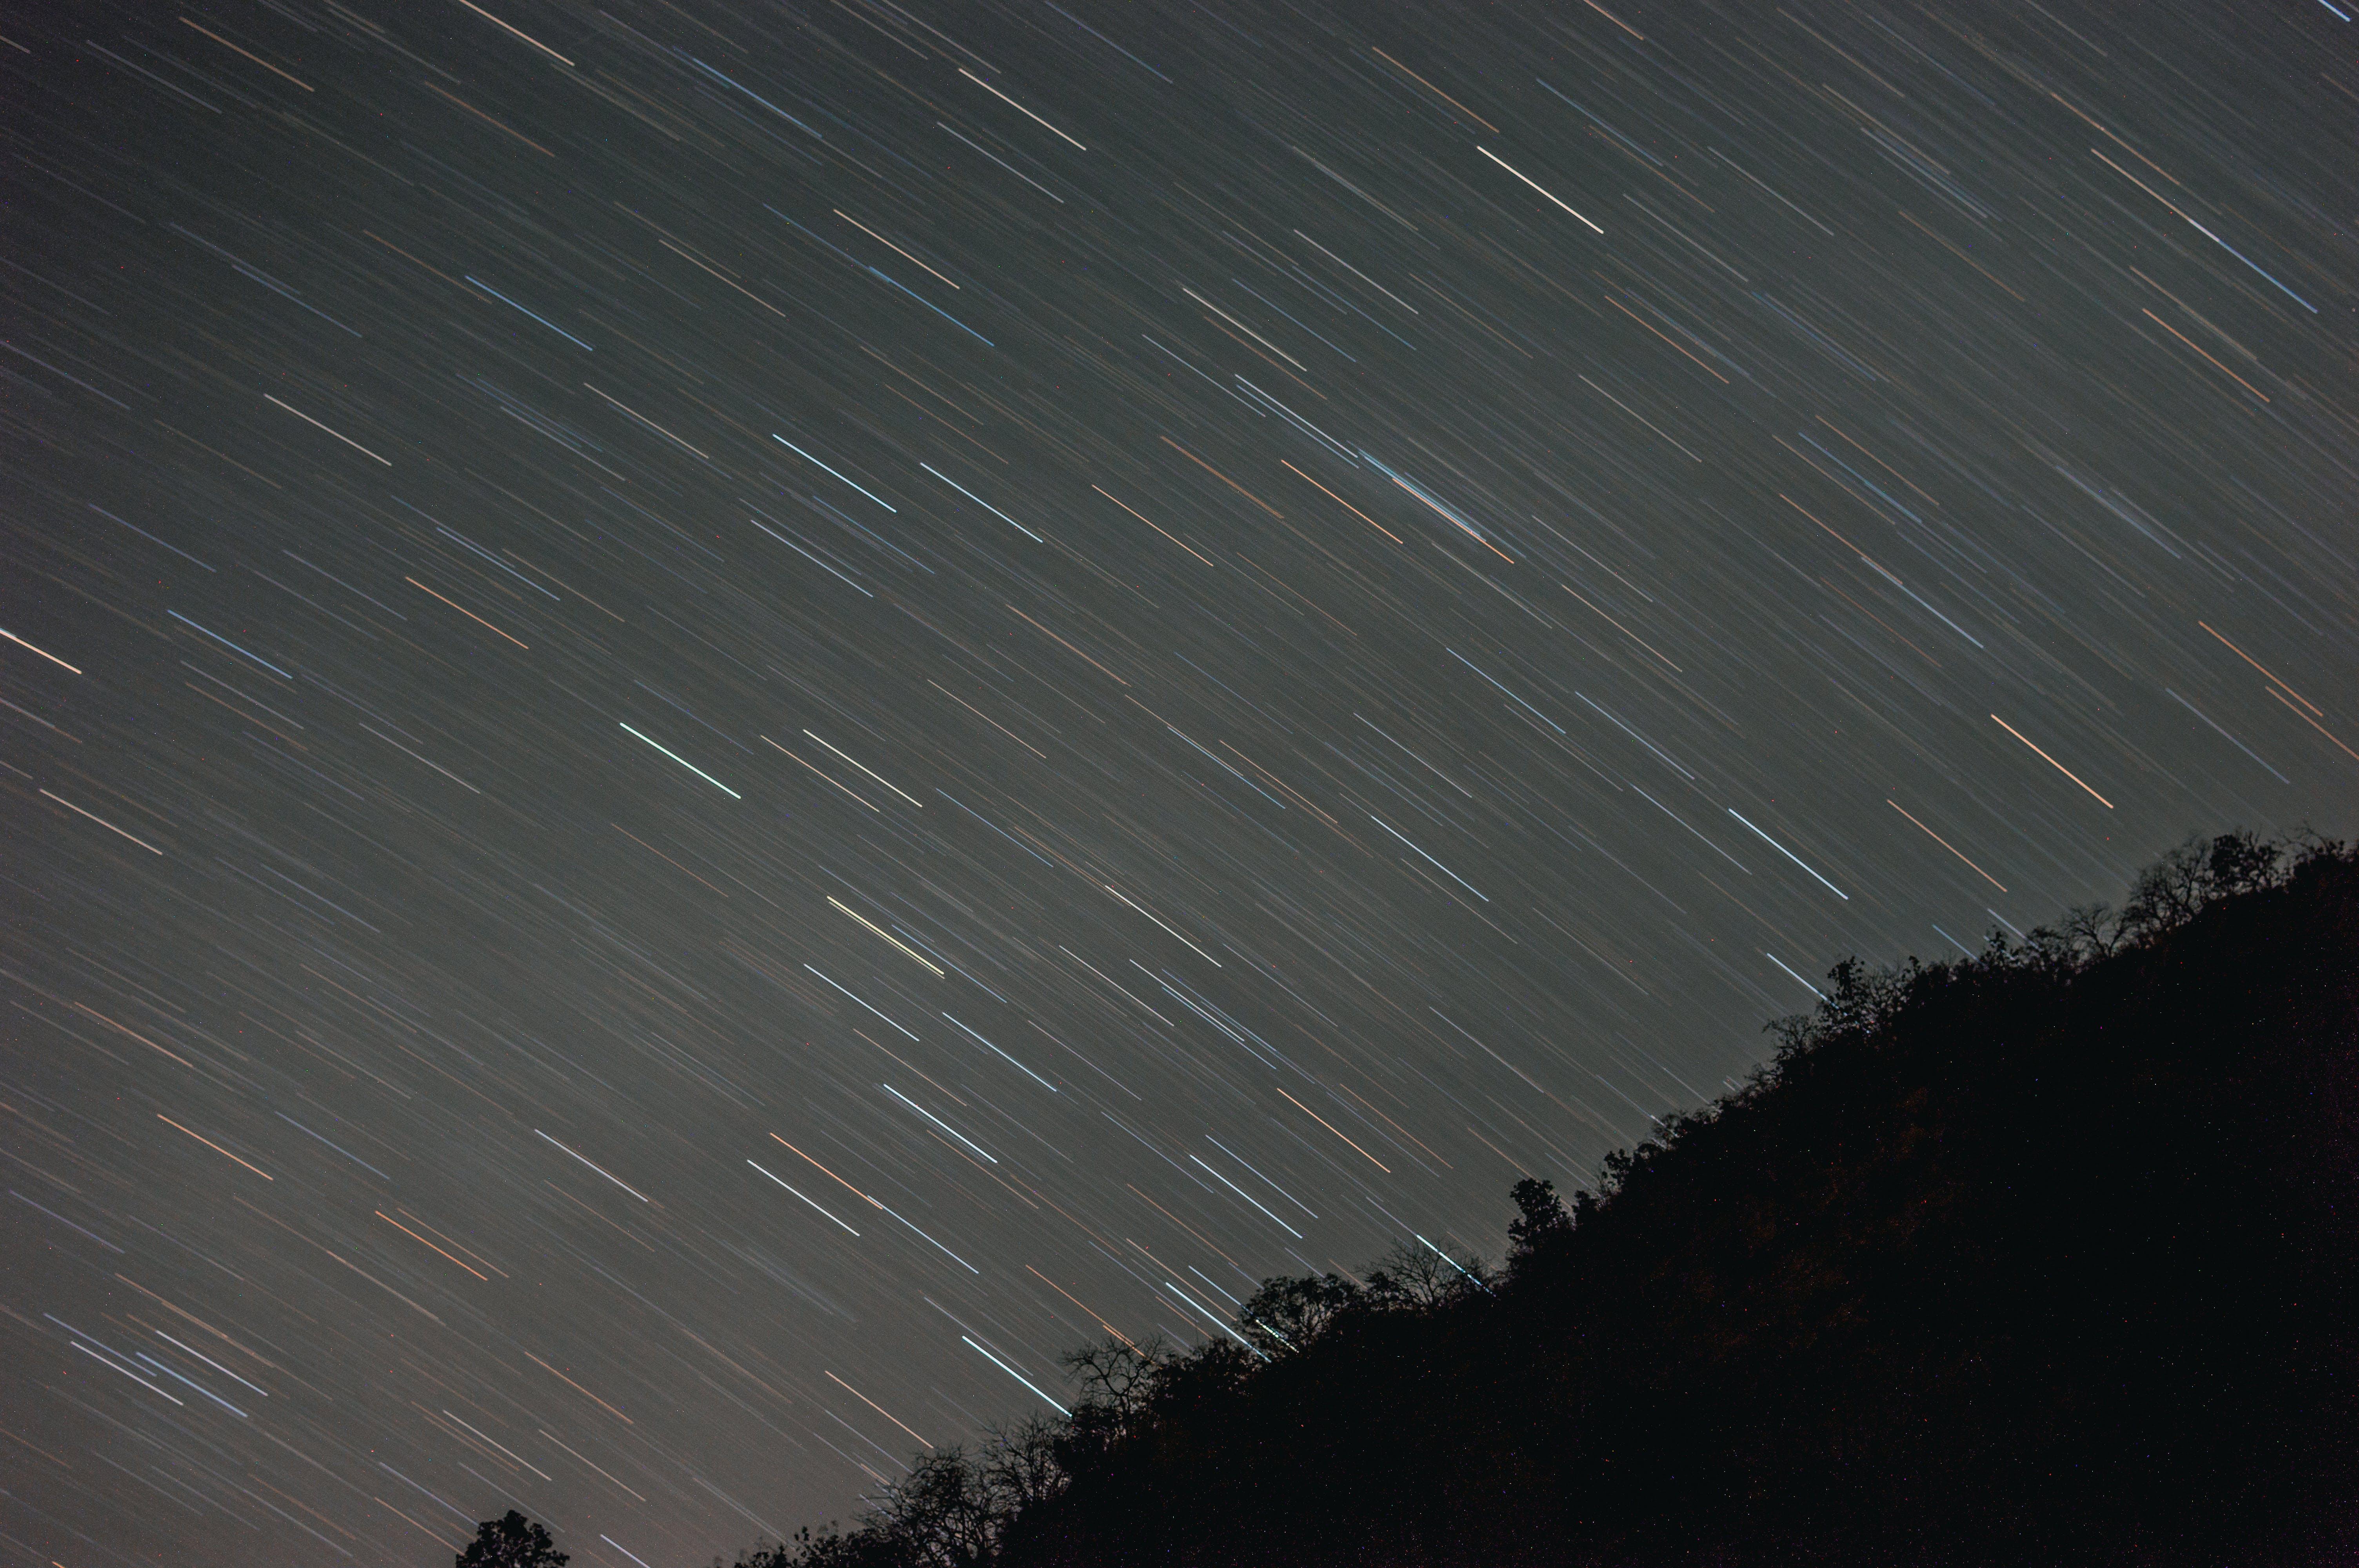 Δωρεάν στοκ φωτογραφιών με αστροφωτογραφία, κοιτάζω τα άστρα, μακροσκοπική έκθεση, στρατηγικές